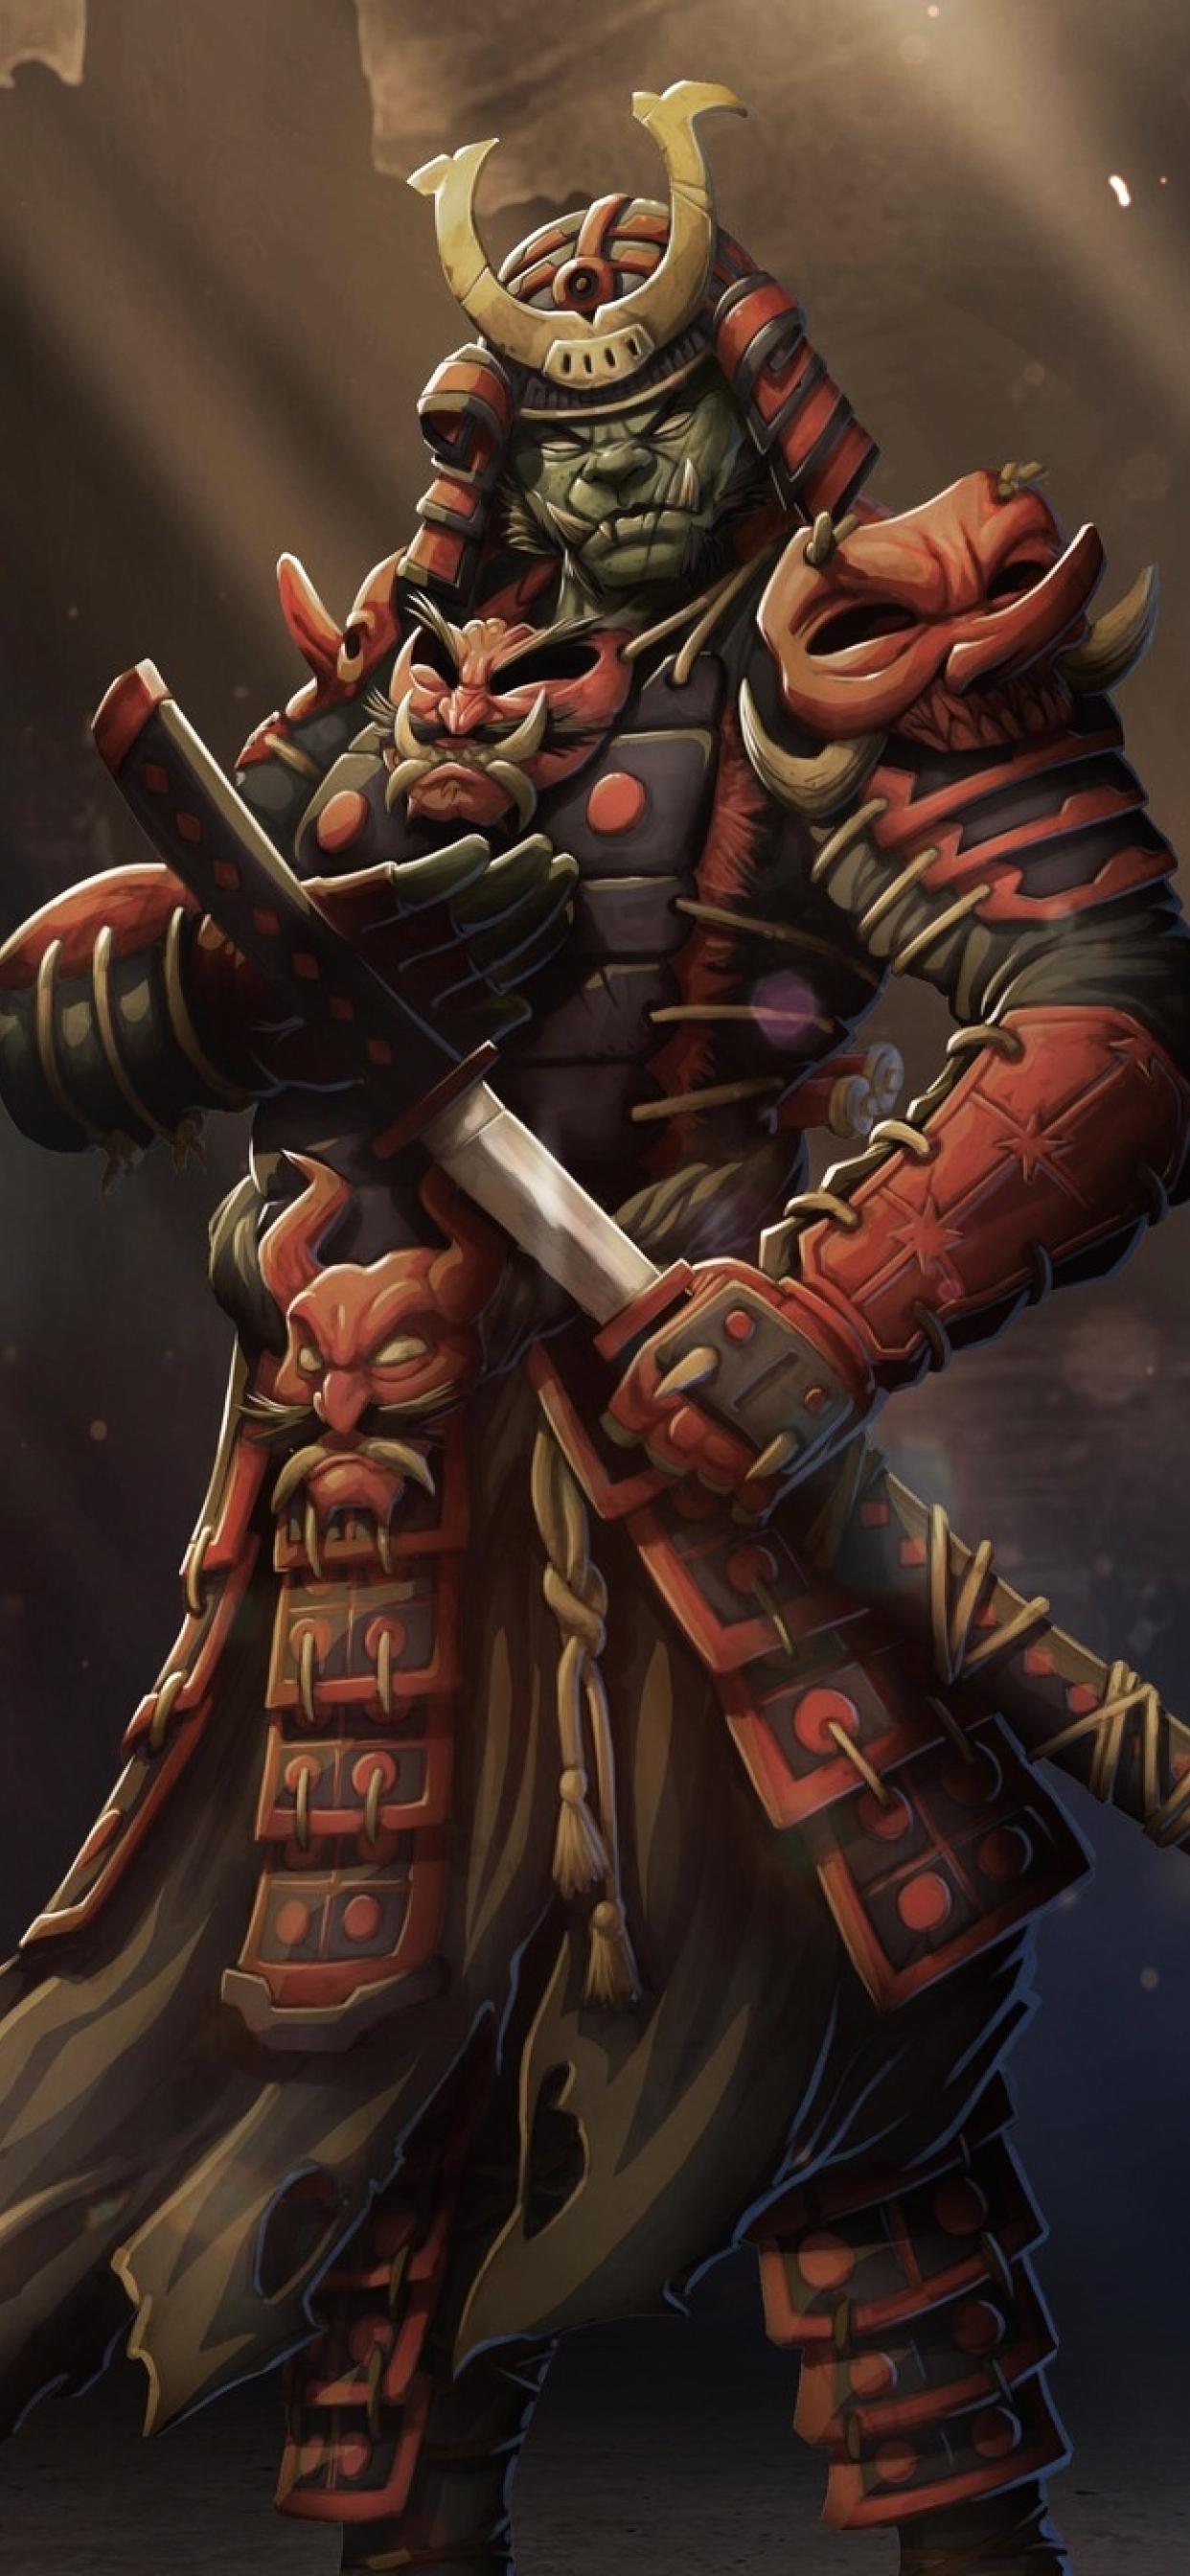 samurai warrior art a2lobW2UmZqaraWkpJRmZ2lnrWdrbW0